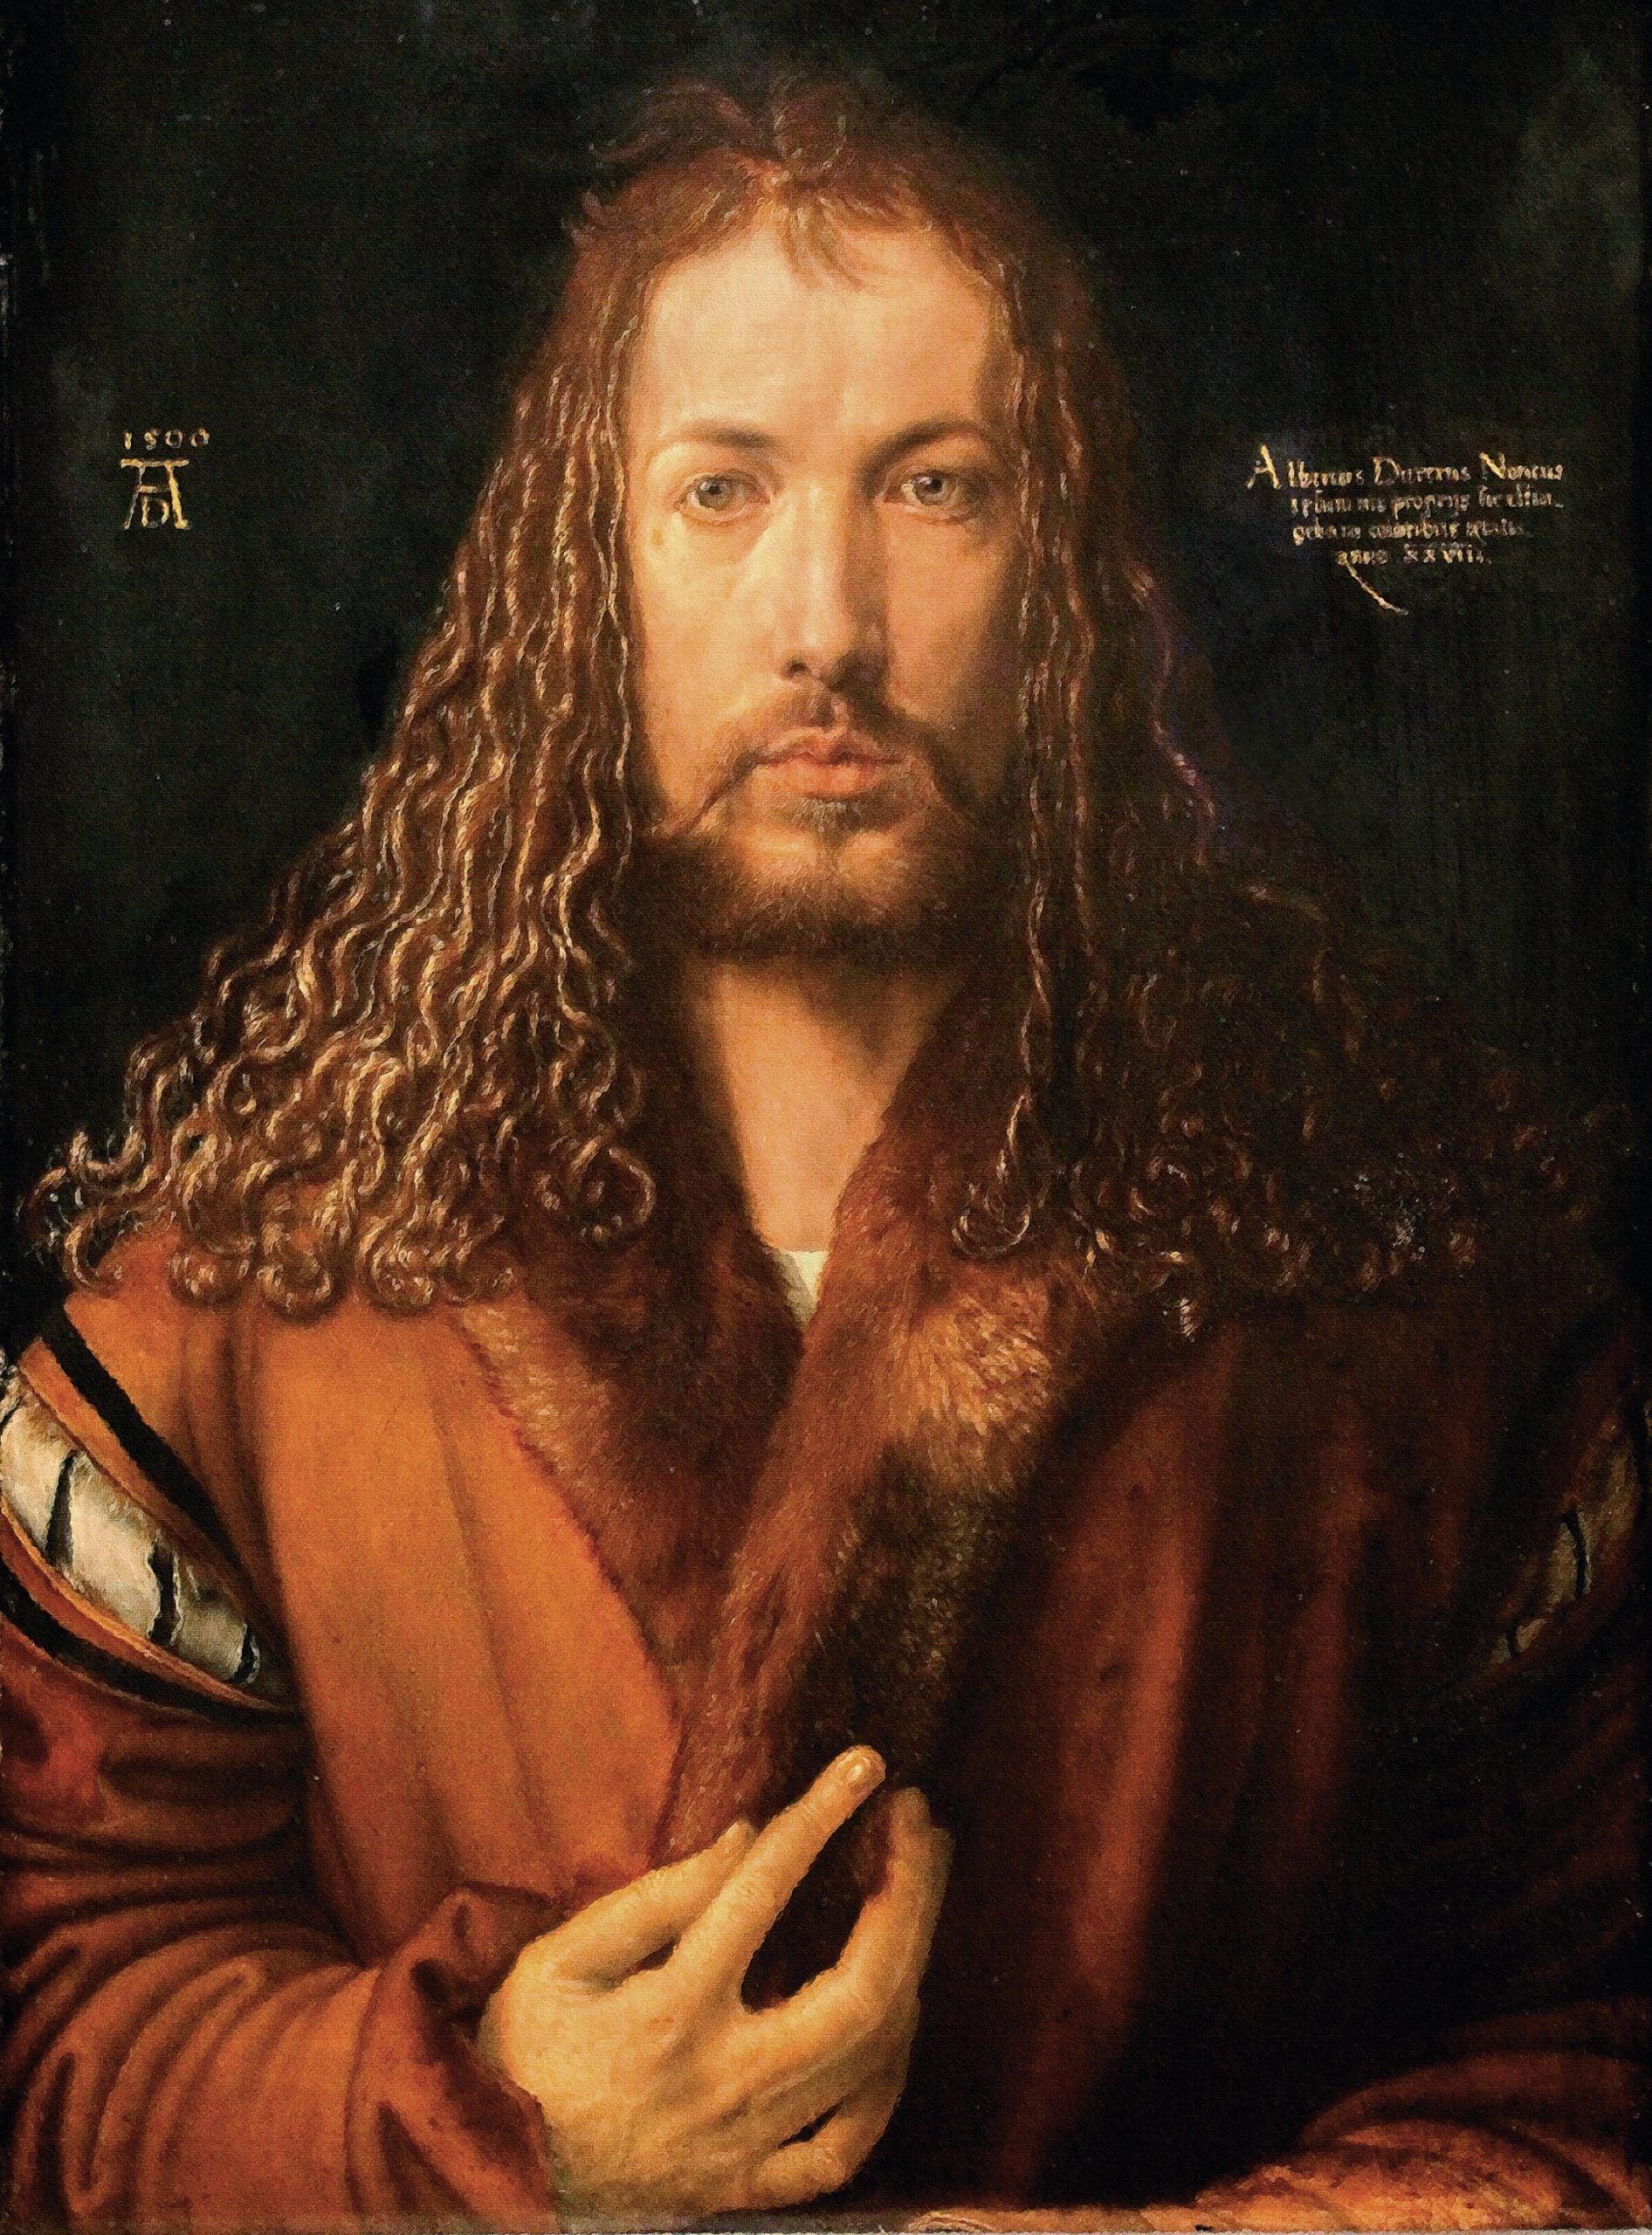 How Dürer shaped the modern world